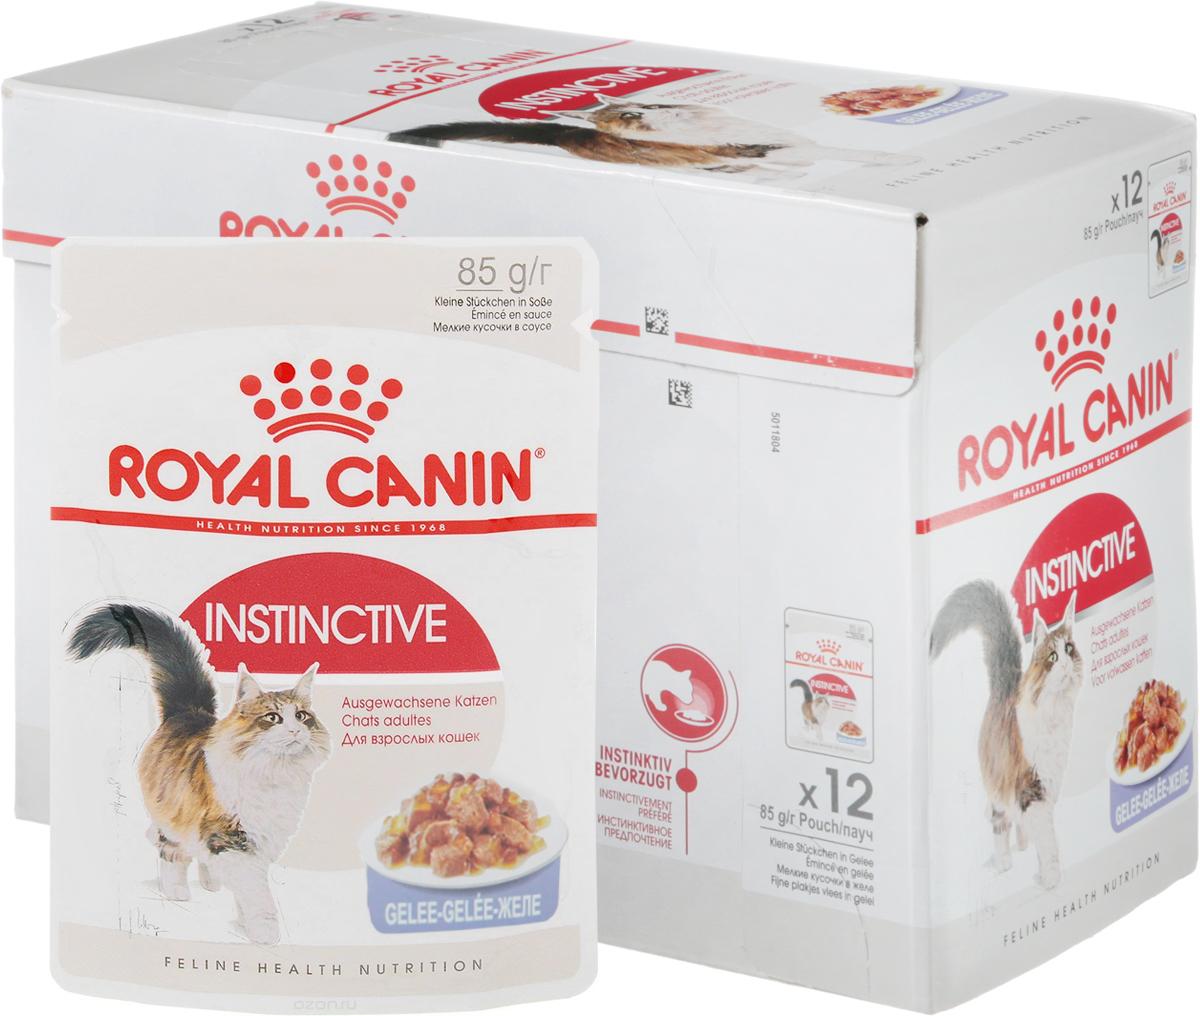 Консервы Royal Canin Instinctive, для кошек старше 1 года, мелкие кусочки в желе, 85 г, 12 шт46762Консервы Royal Canin Instinctive - полнорационный влажный корм для кошек старше 1 года. Какой бы здоровой ни была пища, если кошка не захочет ее есть, от нее будет мало пользы! Взрослые кошки предпочитают особую формулу Macro Nutritional Profile.У взрослых кошек и котов, особенно стерилизованных или кастрированных, повышается риск заболевания мочекаменной болезнью. Их рацион должен содержать питательные вещества, необходимые для поддержания их жизненной энергии, и в то же время способствовать сохранению идеального веса.Корм Instinctive является идеально сбалансированным рационом, соответствующим оптимальной формуле макронутриентного профиля (MNP), инстинктивно предпочитаемый кошками. Здоровая мочевыводящая система: помогает поддерживать здоровье мочевыделительной системы кошки, сокращая концентрацию минеральных веществ, способствующих образованию мочевых камней. Поддержание идеального веса: исключительно аппетитные кусочки в желе умеренной калорийности способствуют сохранению идеального веса тела кошки. В рацион домашнего любимца нужно обязательно включать консервированный корм, ведь его главные достоинства - высокая калорийность и питательная ценность. Консервы лучше усваиваются, чем сухие корма. Также важно, что животные, имеющие в рационе консервированный корм, получают больше влаги. Состав: мясо и мясные субпродукты, экстракты белков растительного происхождения, субпродукты растительного происхождения, минеральные вещества, углеводы. Товар сертифицирован.